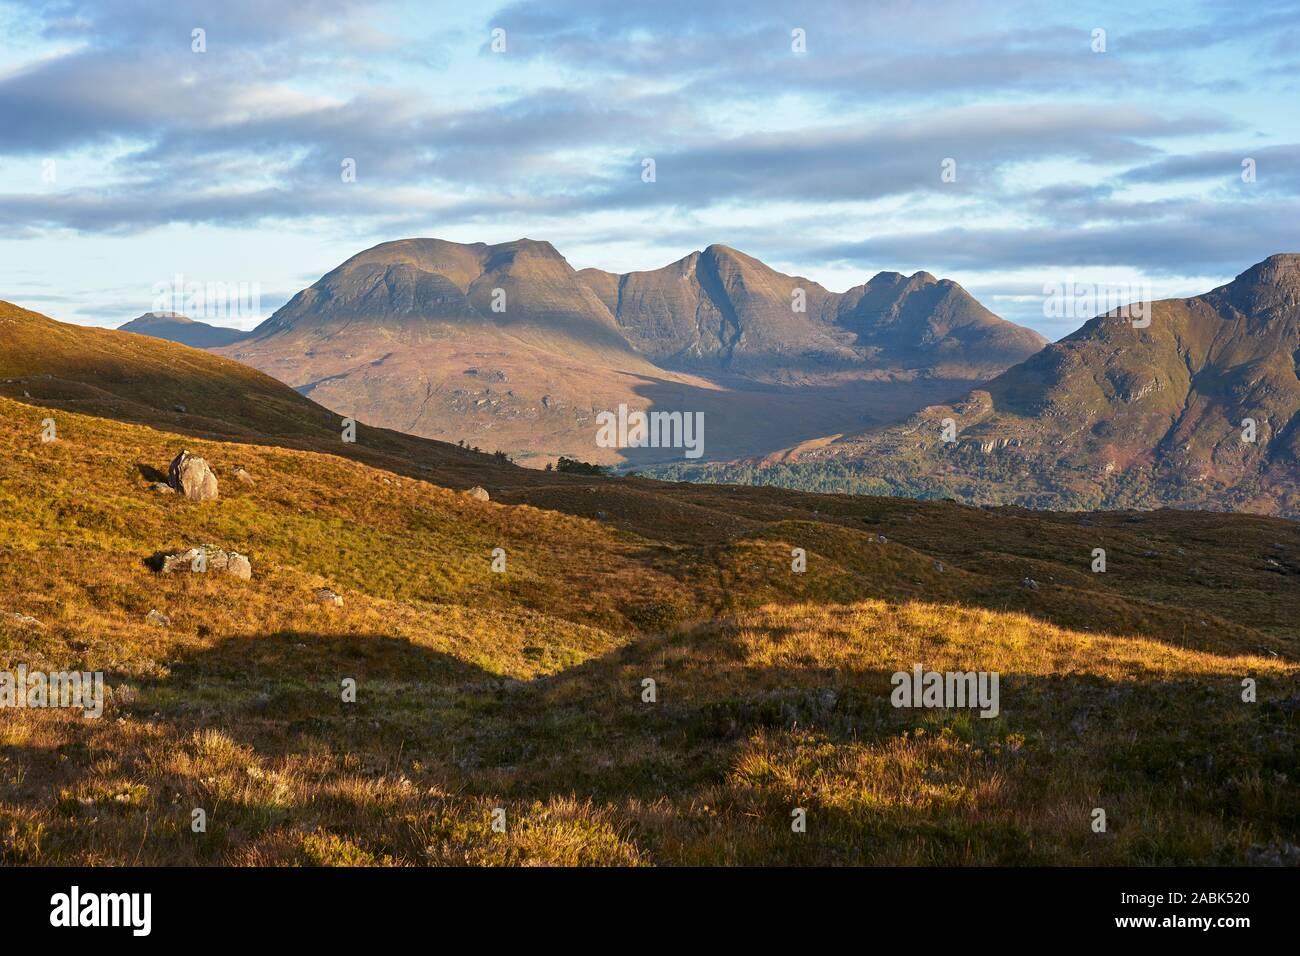 Beinn Alligin vistos desde Beinn Damh, Torridon, Wester Ross, Highland, Escocia Foto de stock